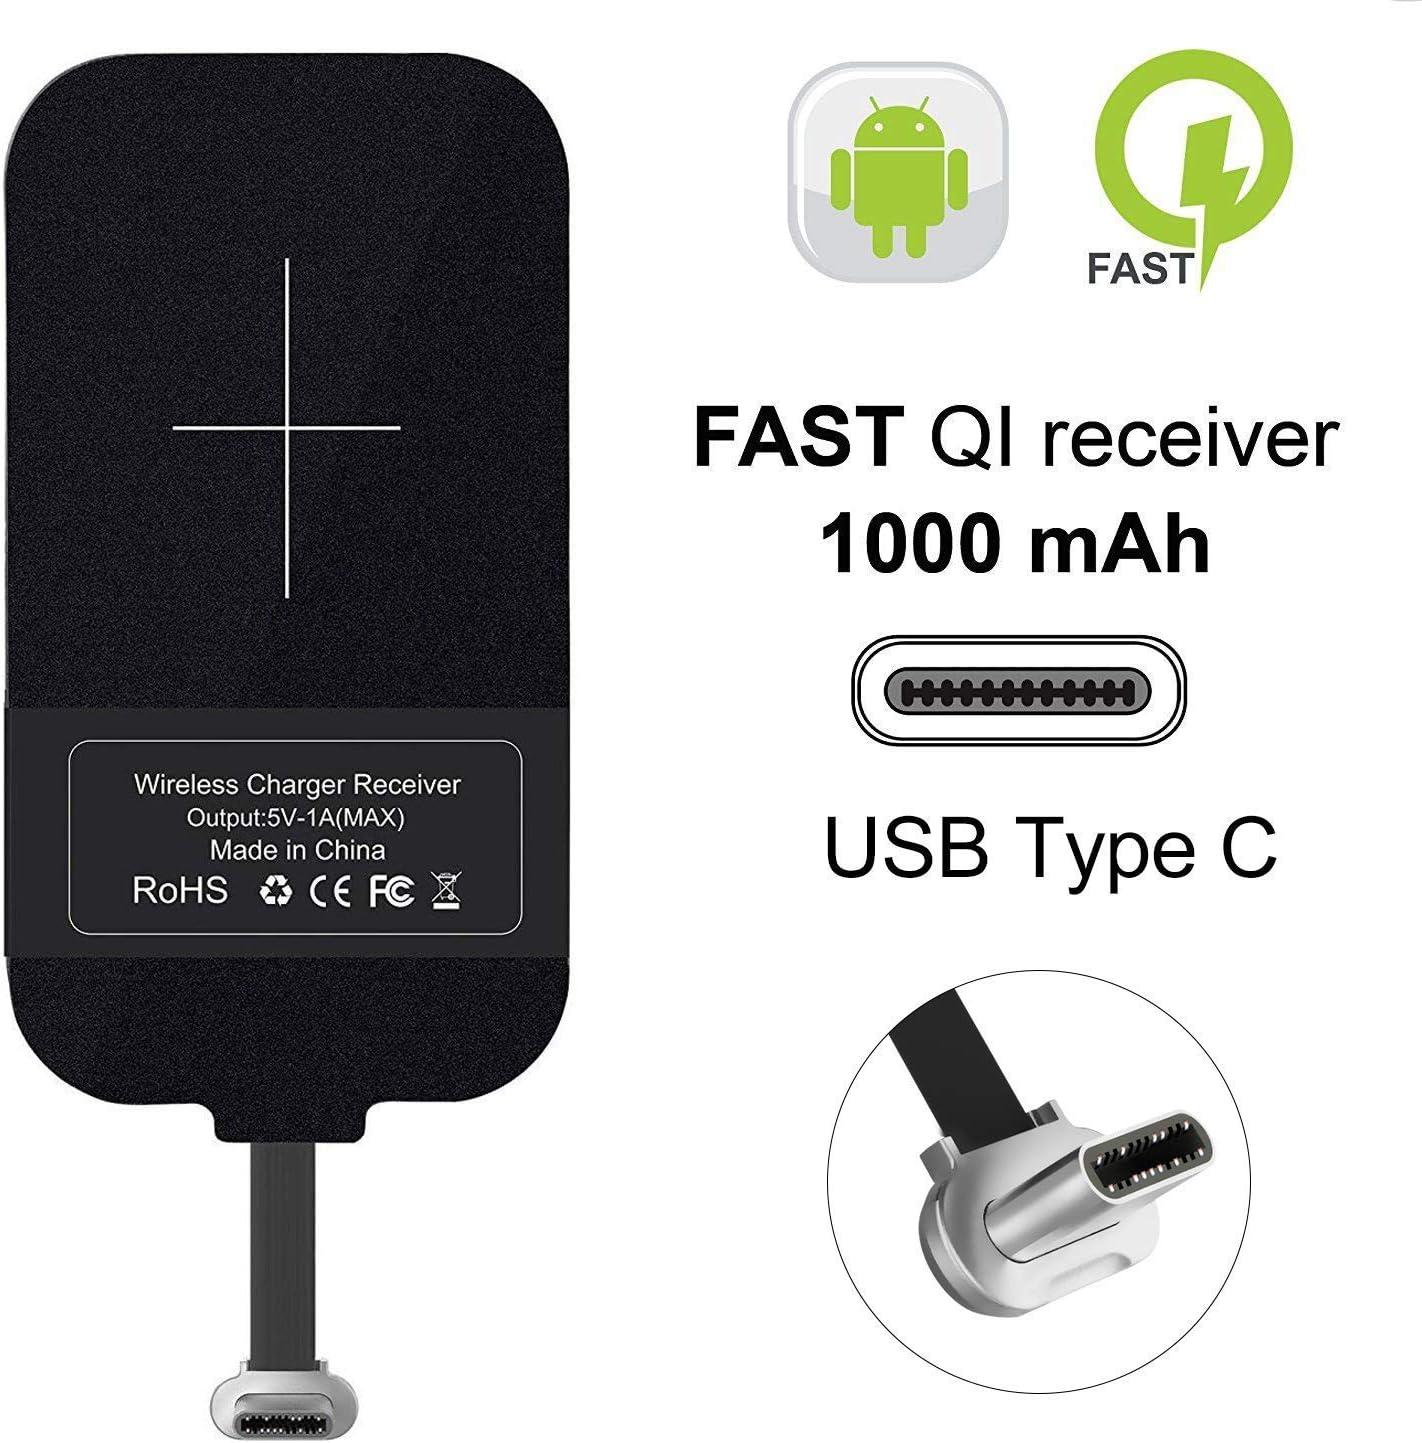 NILLKIN Tipo C Qi Receptor de Carga inalámbrico, Ultra Slim USB C Qi Receptor de Chip inalámbrico Receptor para Google Pixel XL/LG V20 / HTC 10 / OnePlus 3 y Otros teléfonos de Gran tamaño Tipo C